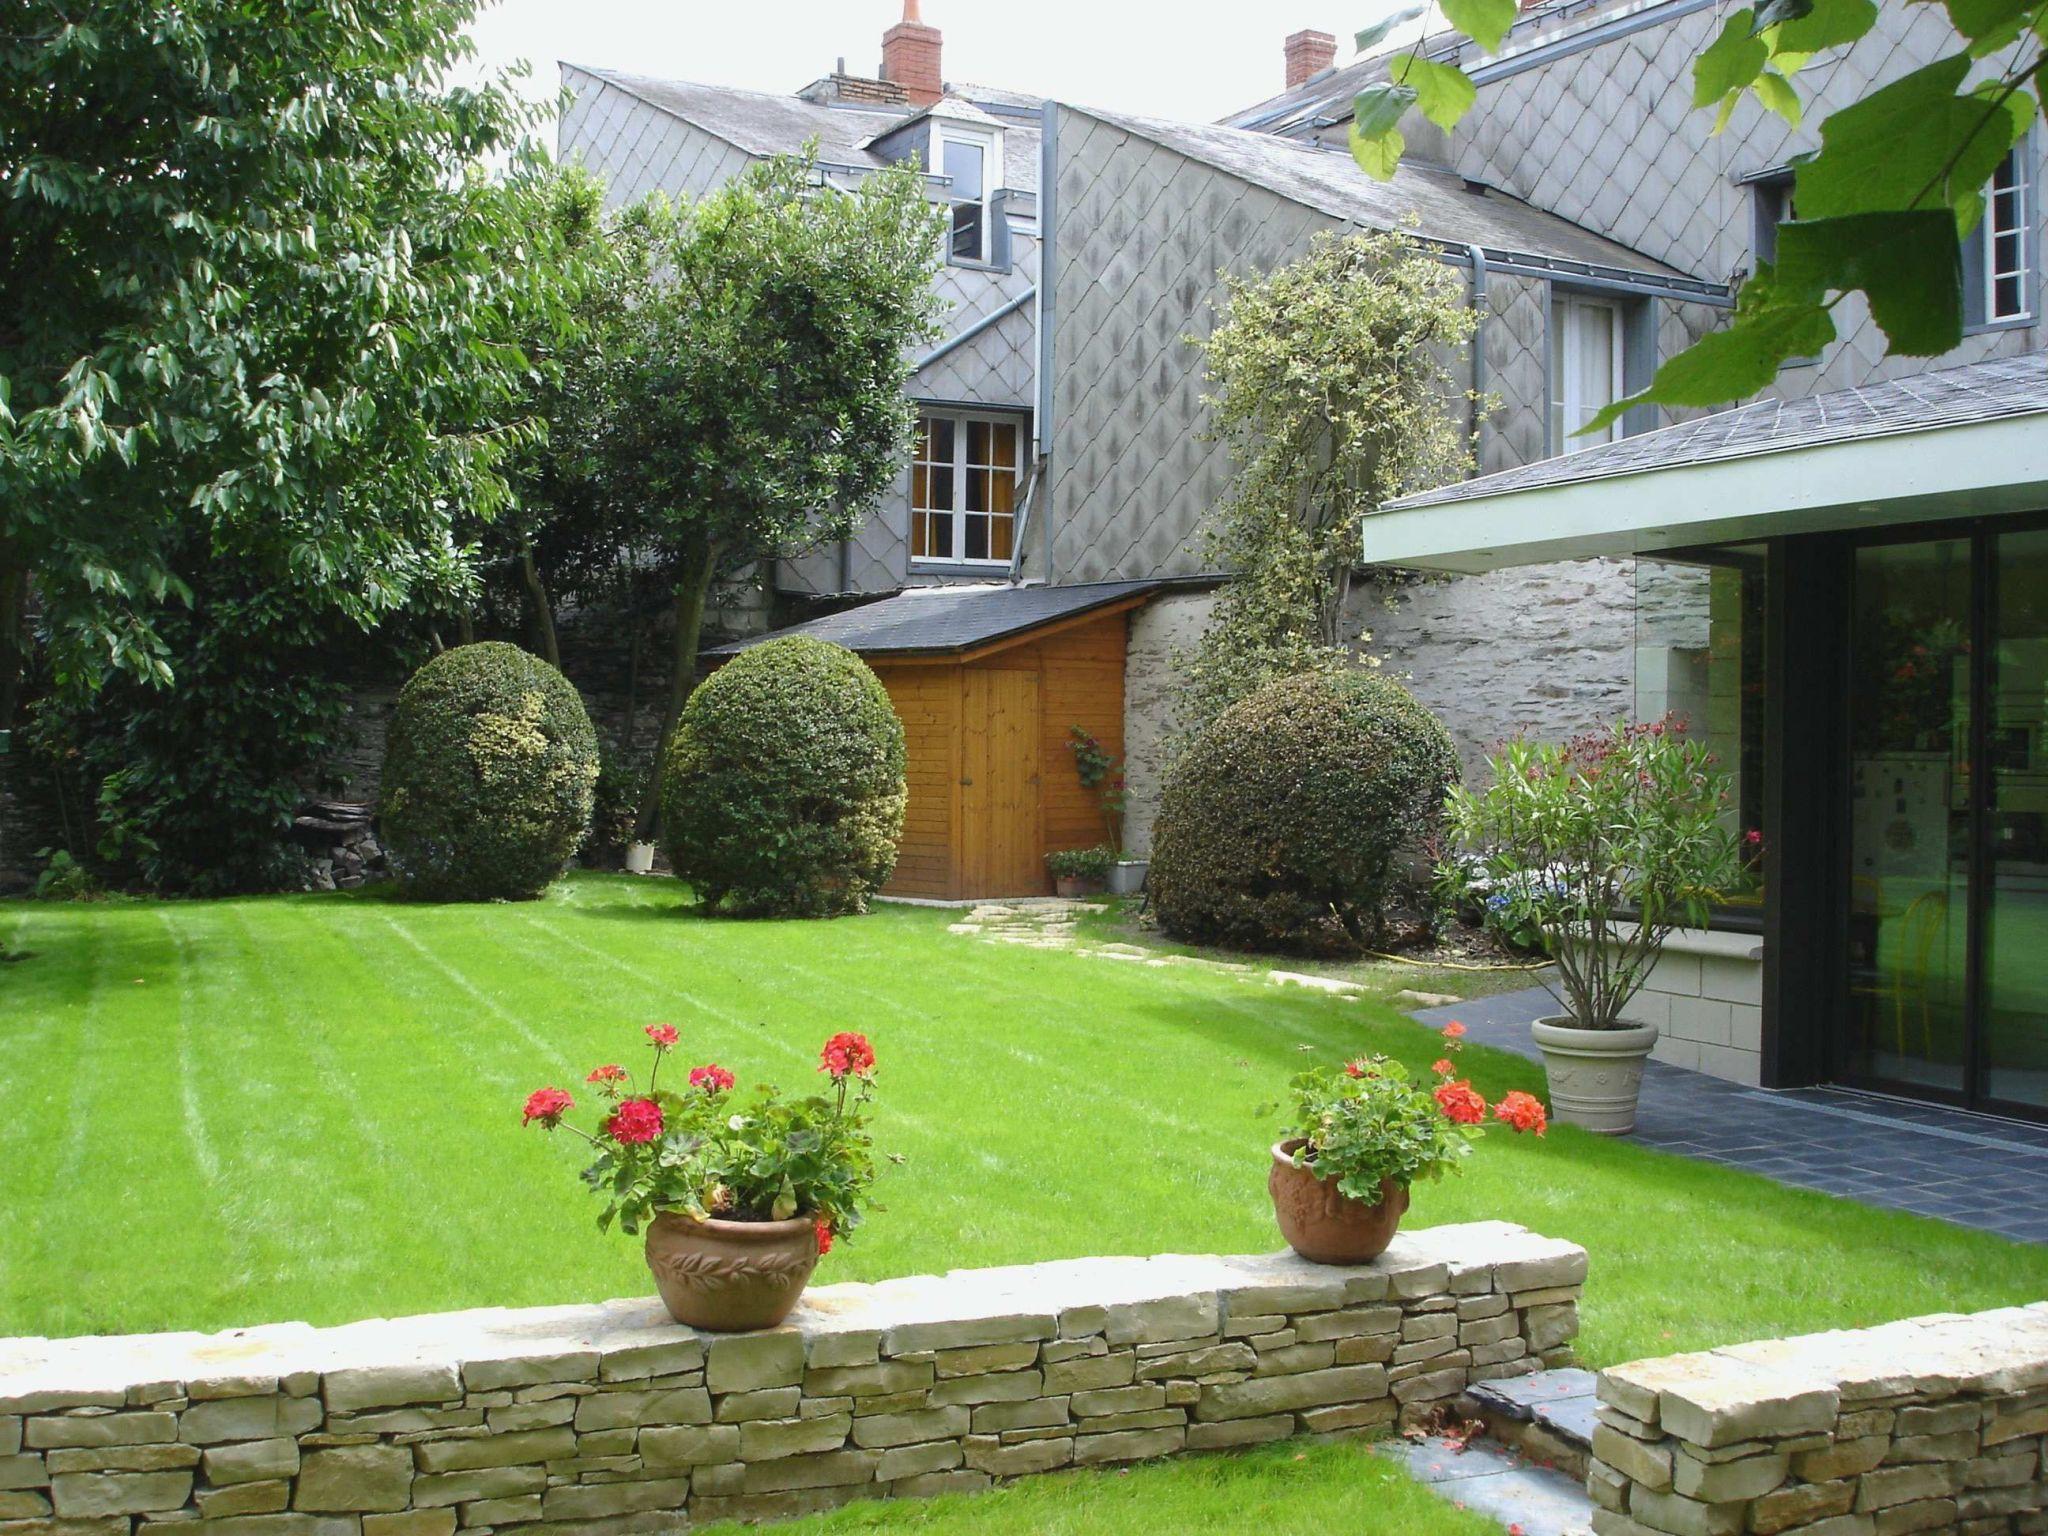 idee amenagement jardin devant maison avec idee jardin maison de idee amenagement jardin devant maison